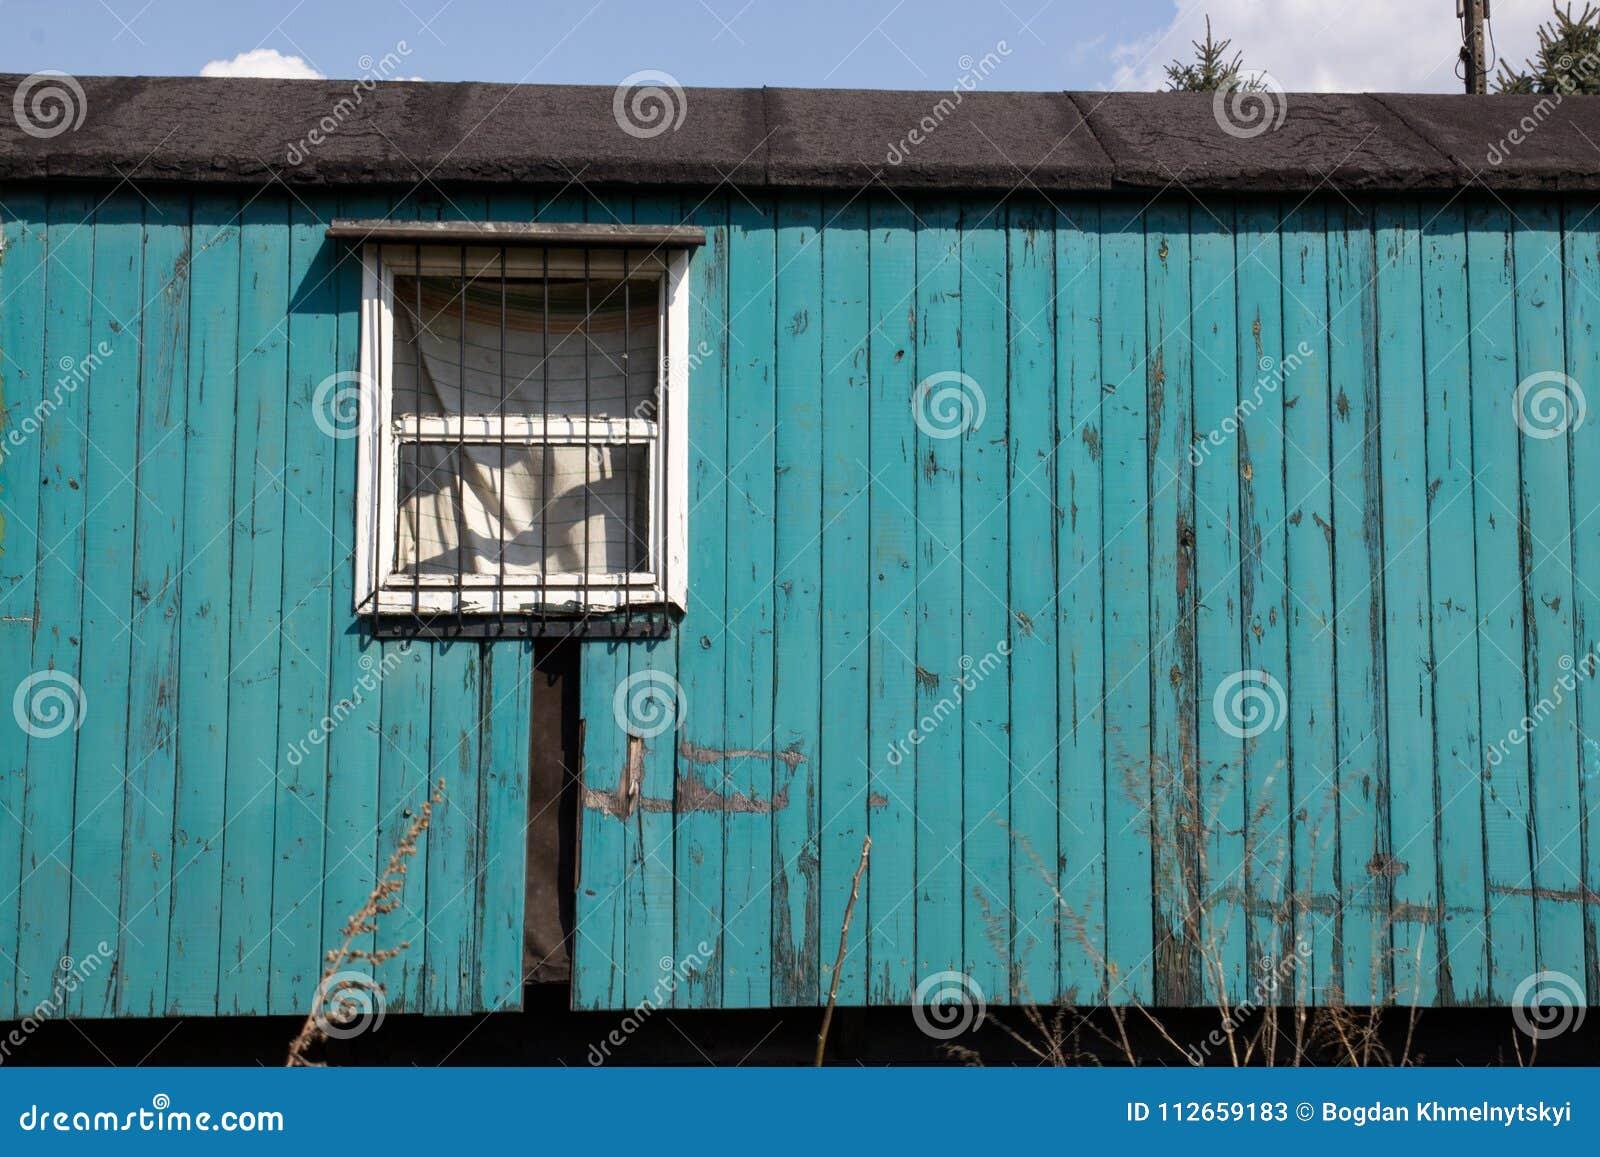 Παλαιό ξύλινο εγκαταλειμμένο βαγόνι εμπορευμάτων στο υπόβαθρο του μπλε ουρανού